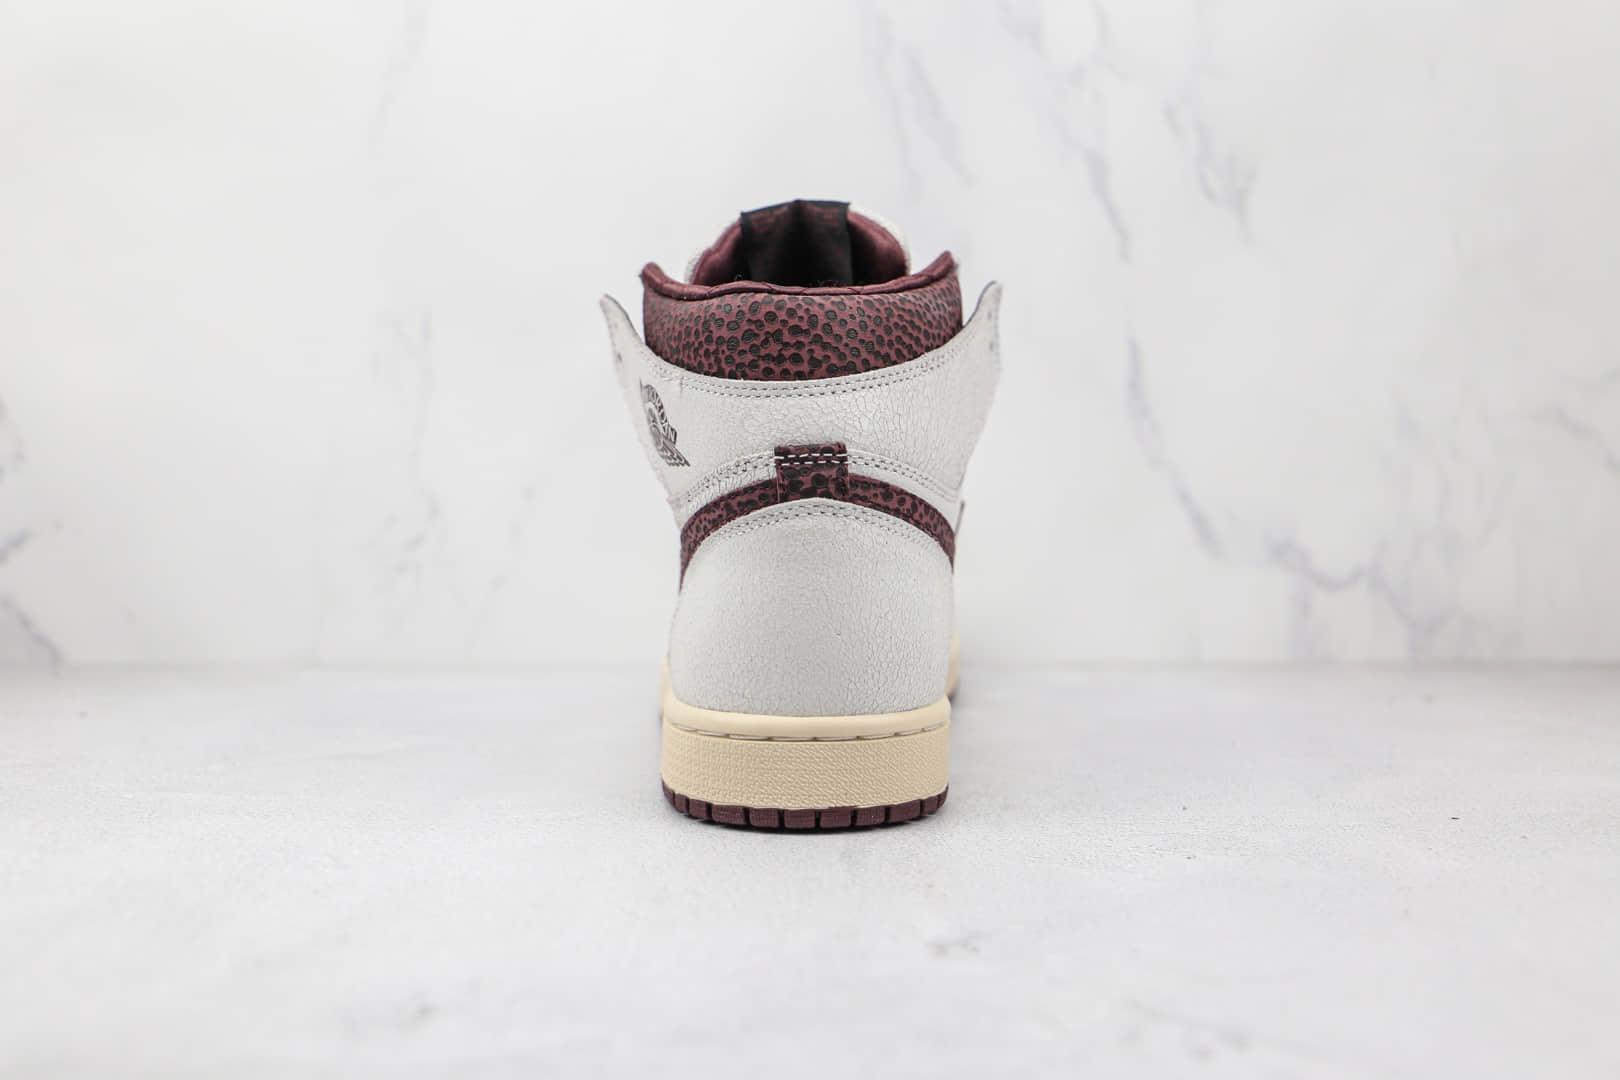 乔丹Air Jordan 1 High OG纯原版本高帮AJ1白酒红色蛇皮纹爆裂纹篮球鞋原楦头纸板打造 货号:DO7097-100